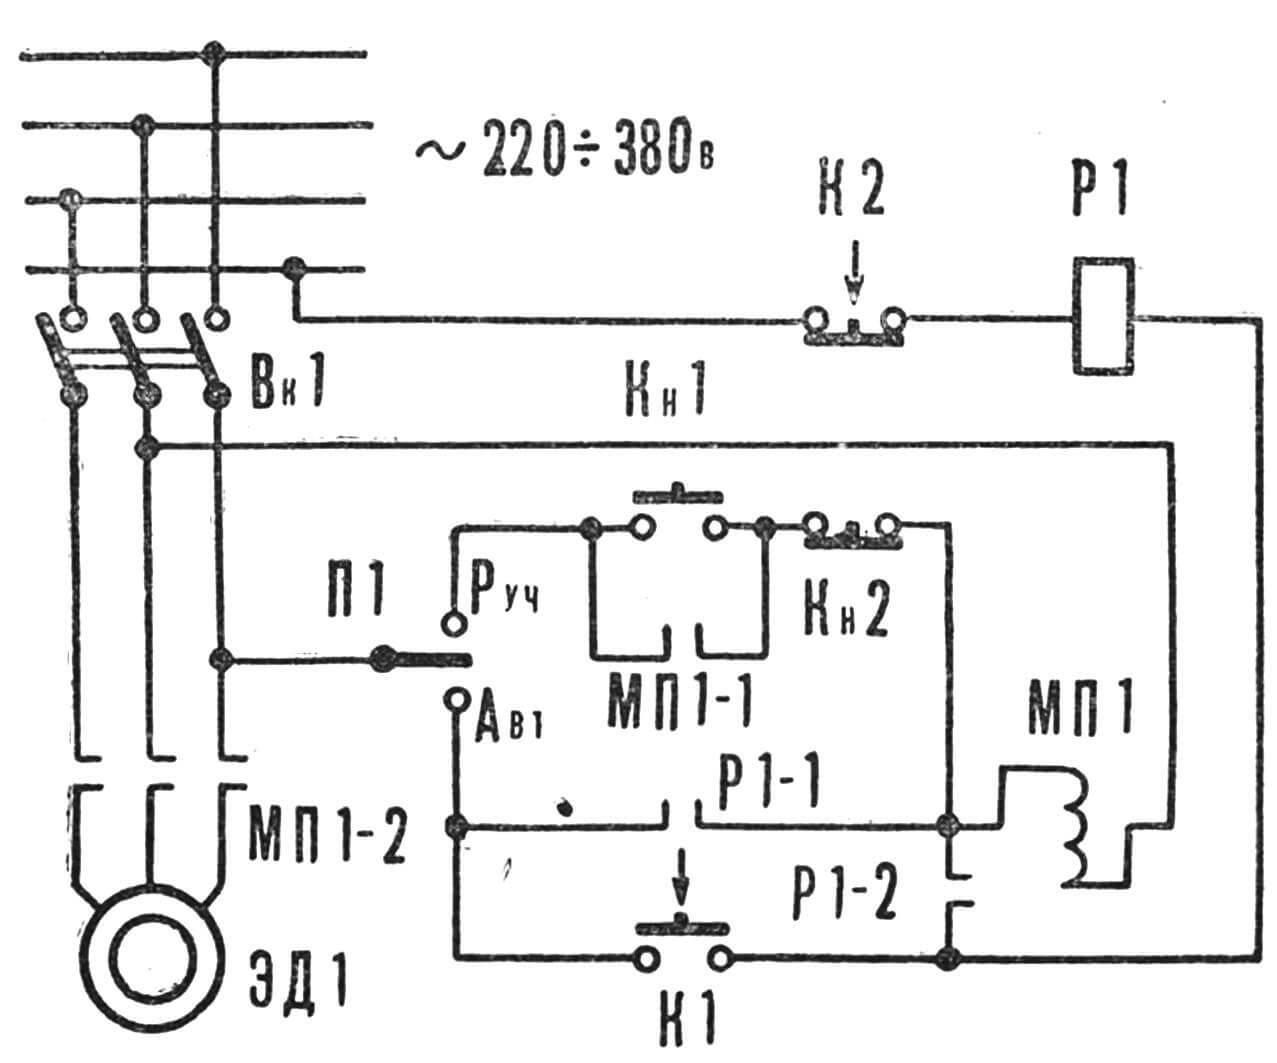 Рис. 2. Схема полива: 1 — трубопровод; 2 — орошающая трубка; 3 — лампы; 4 — «стенки» с рассадой; 5 — резервуар; 6 — электронасос.